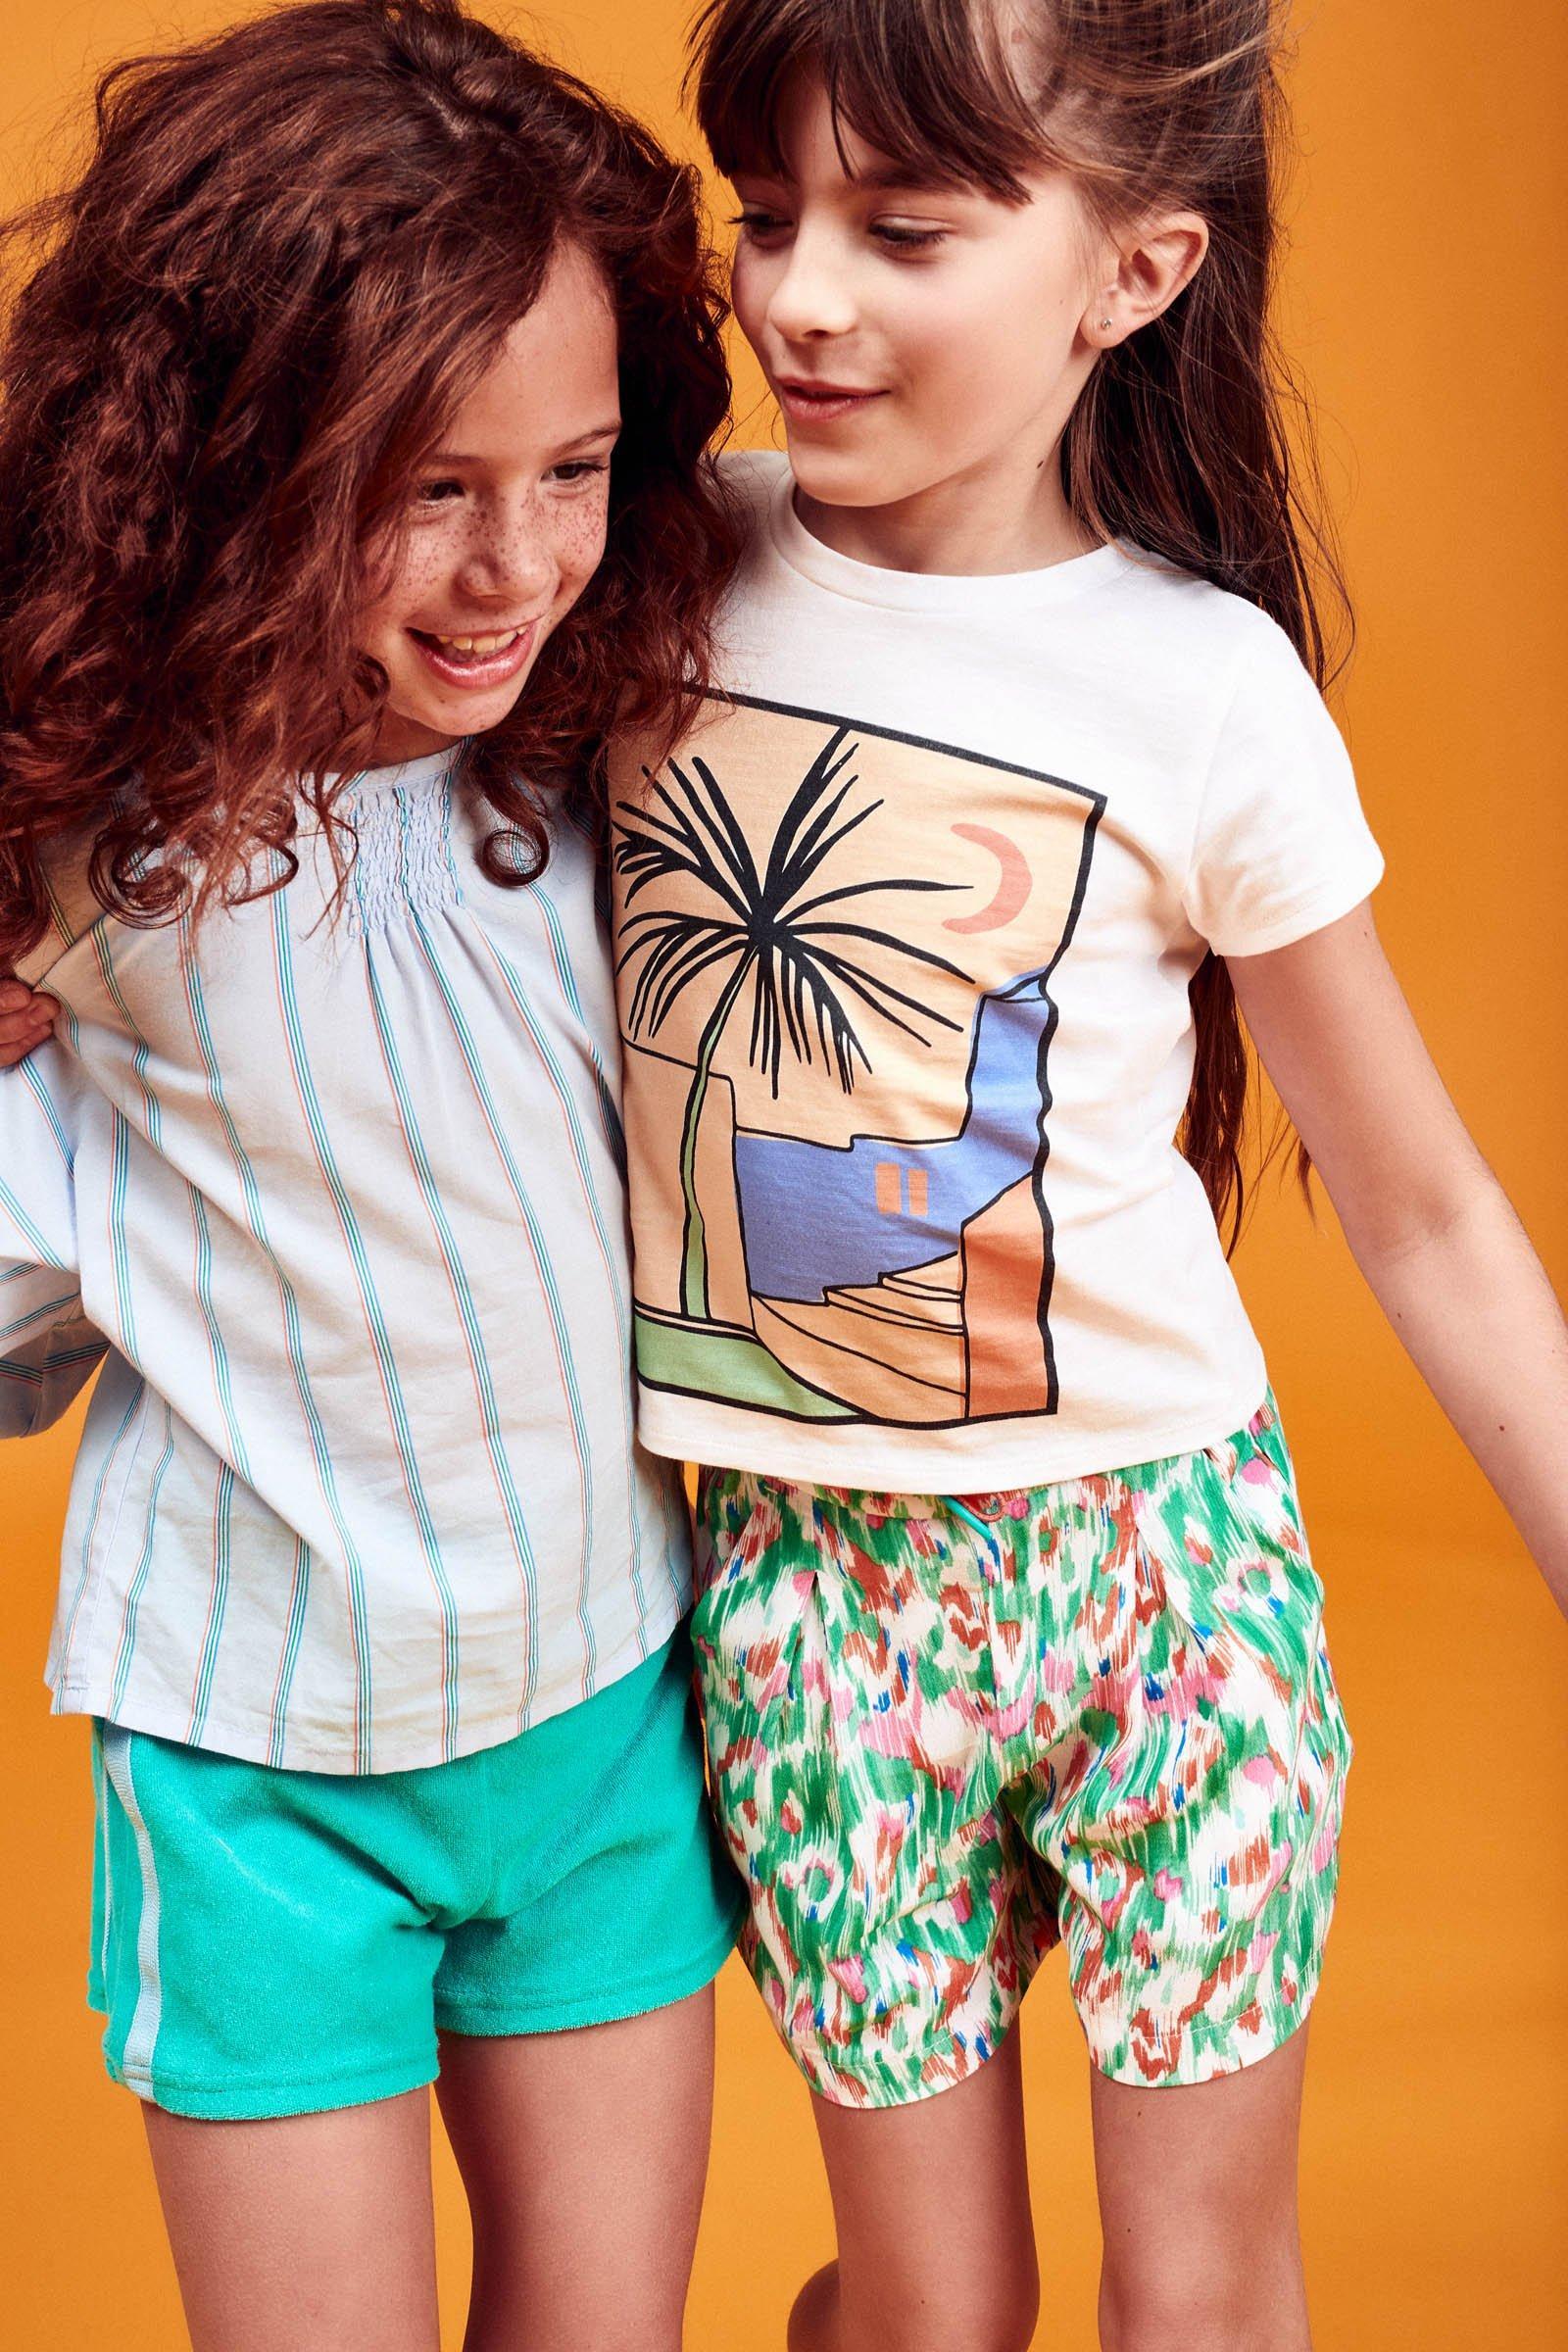 CKS Kids - EMERY - blouse lange mouwen - blauw